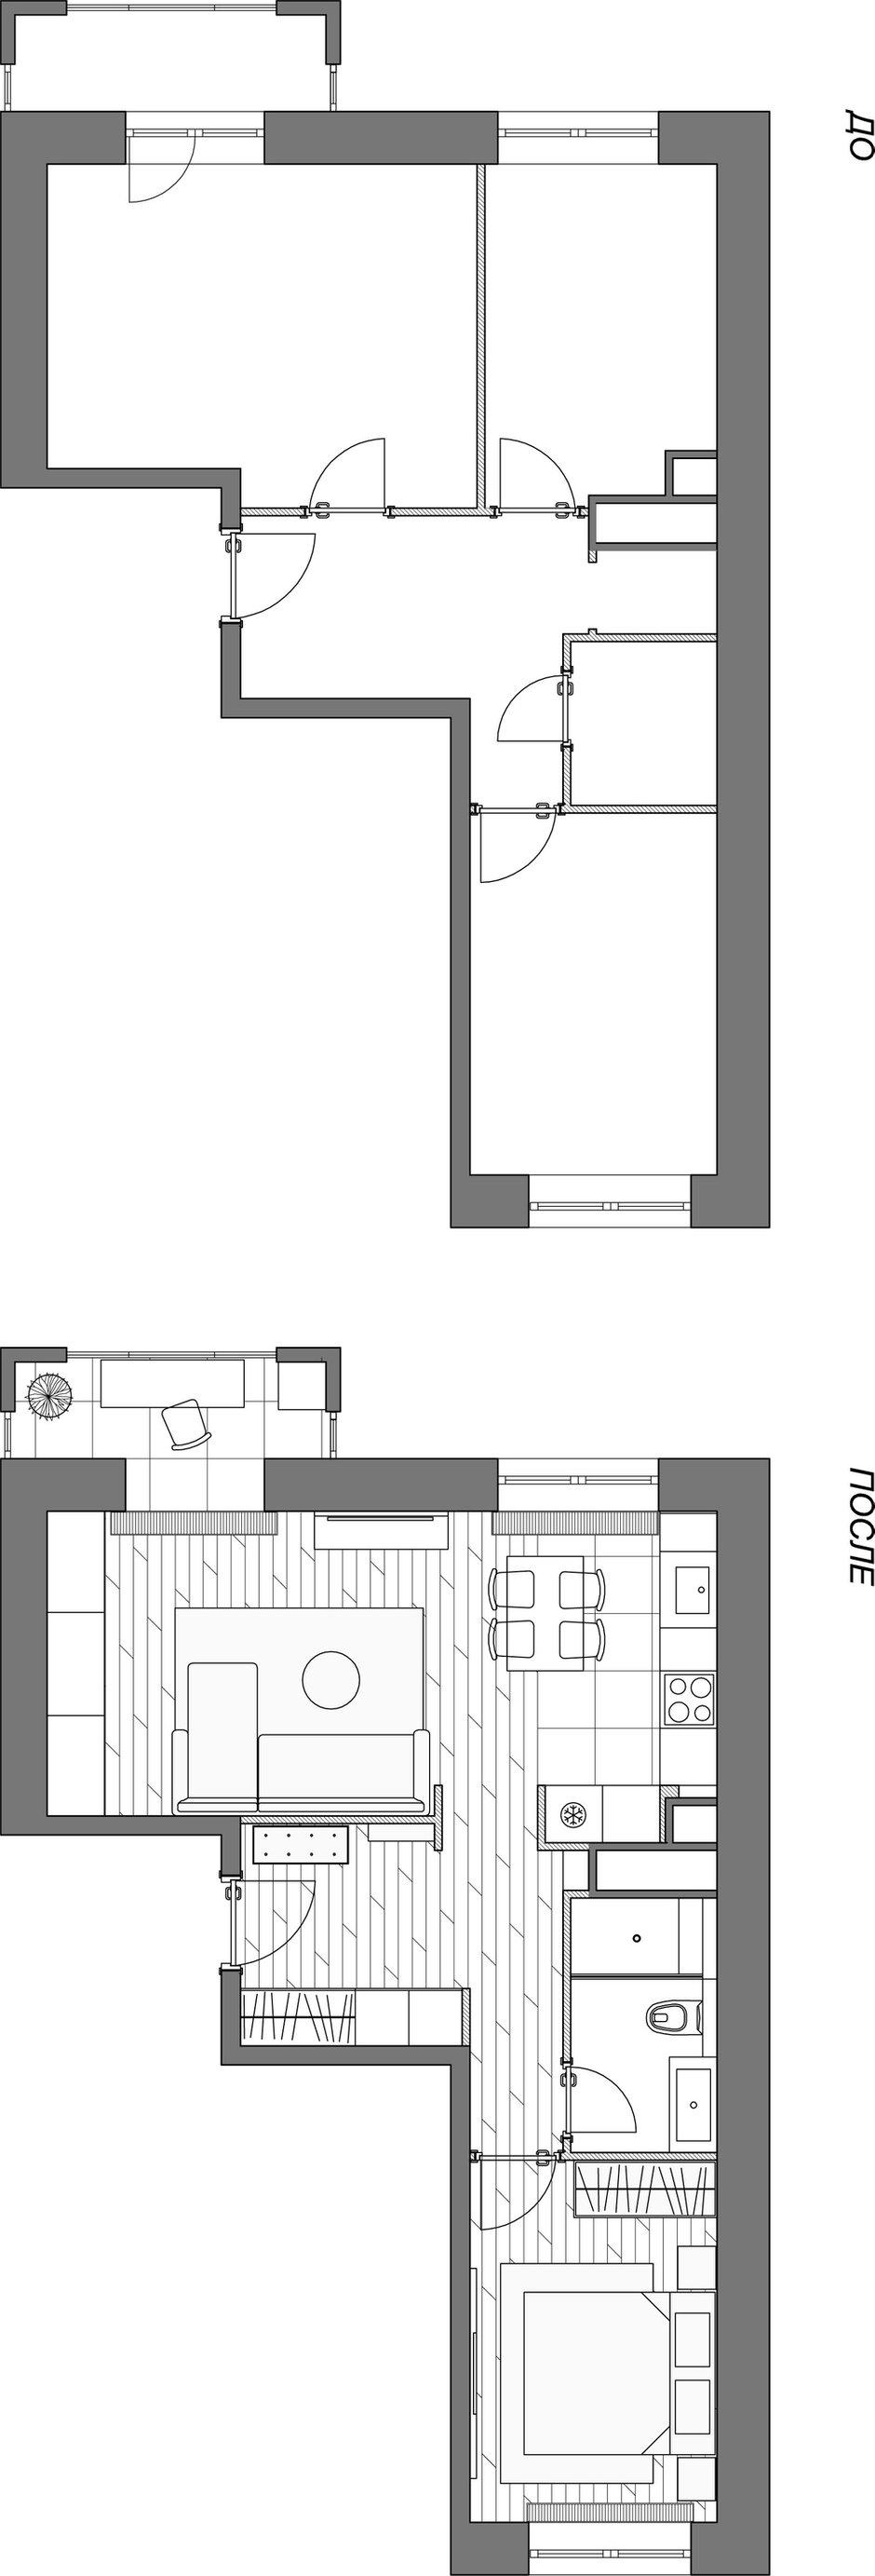 Фотография: Планировки в стиле , Квартира, Проект недели, Москва, 2 комнаты, 40-60 метров, Ксения Коновалова, ЖК «Опалиха О3» – фото на INMYROOM